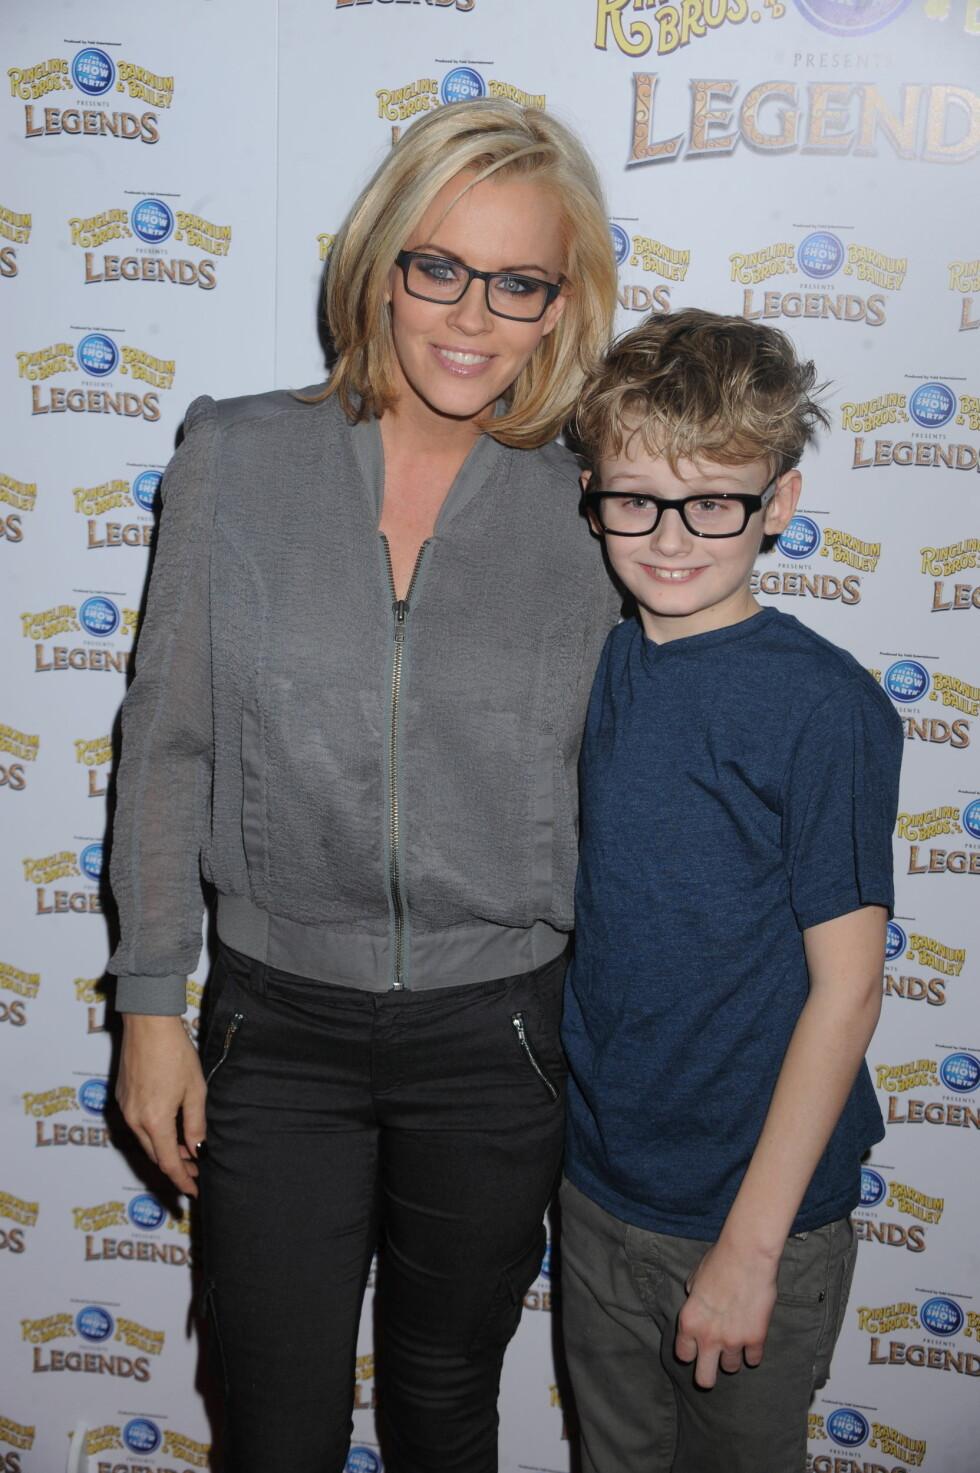 SKEPTIKER: Den amerikanske TV-stjernen Jenny McCarthy skapte storm da hun i fjor rådet foreldre til å slutte med vaksinasjon av barna sine. Hun mener sønnen hennes (t.v) ble autist som følge av vaksinering.  Foto: Stella Pictures